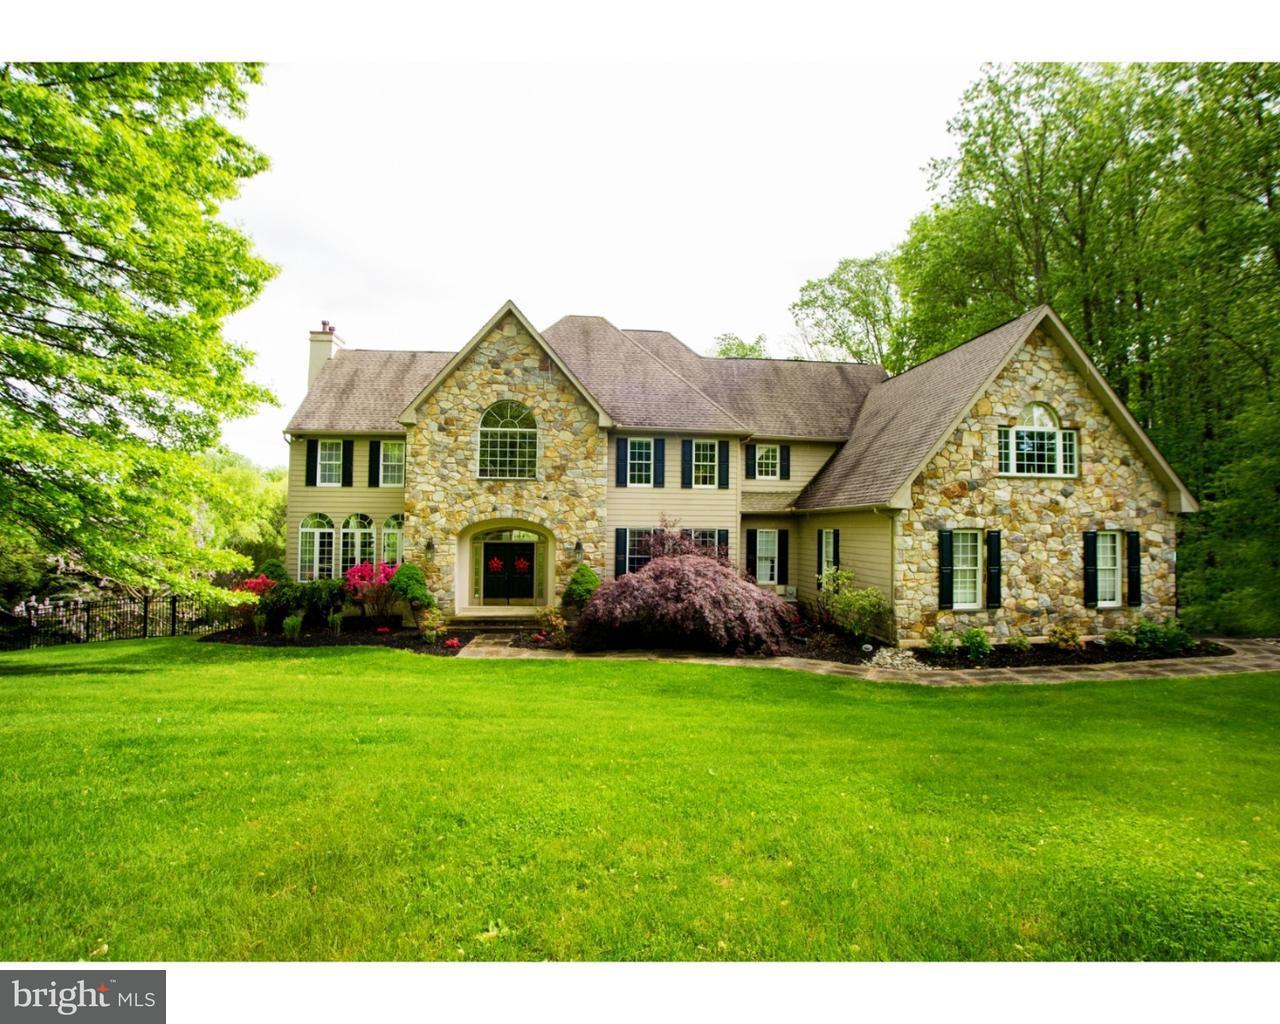 Частный односемейный дом для того Продажа на 8 HONEYSUCKLE Court Glen Mills, Пенсильвания 19342 Соединенные Штаты